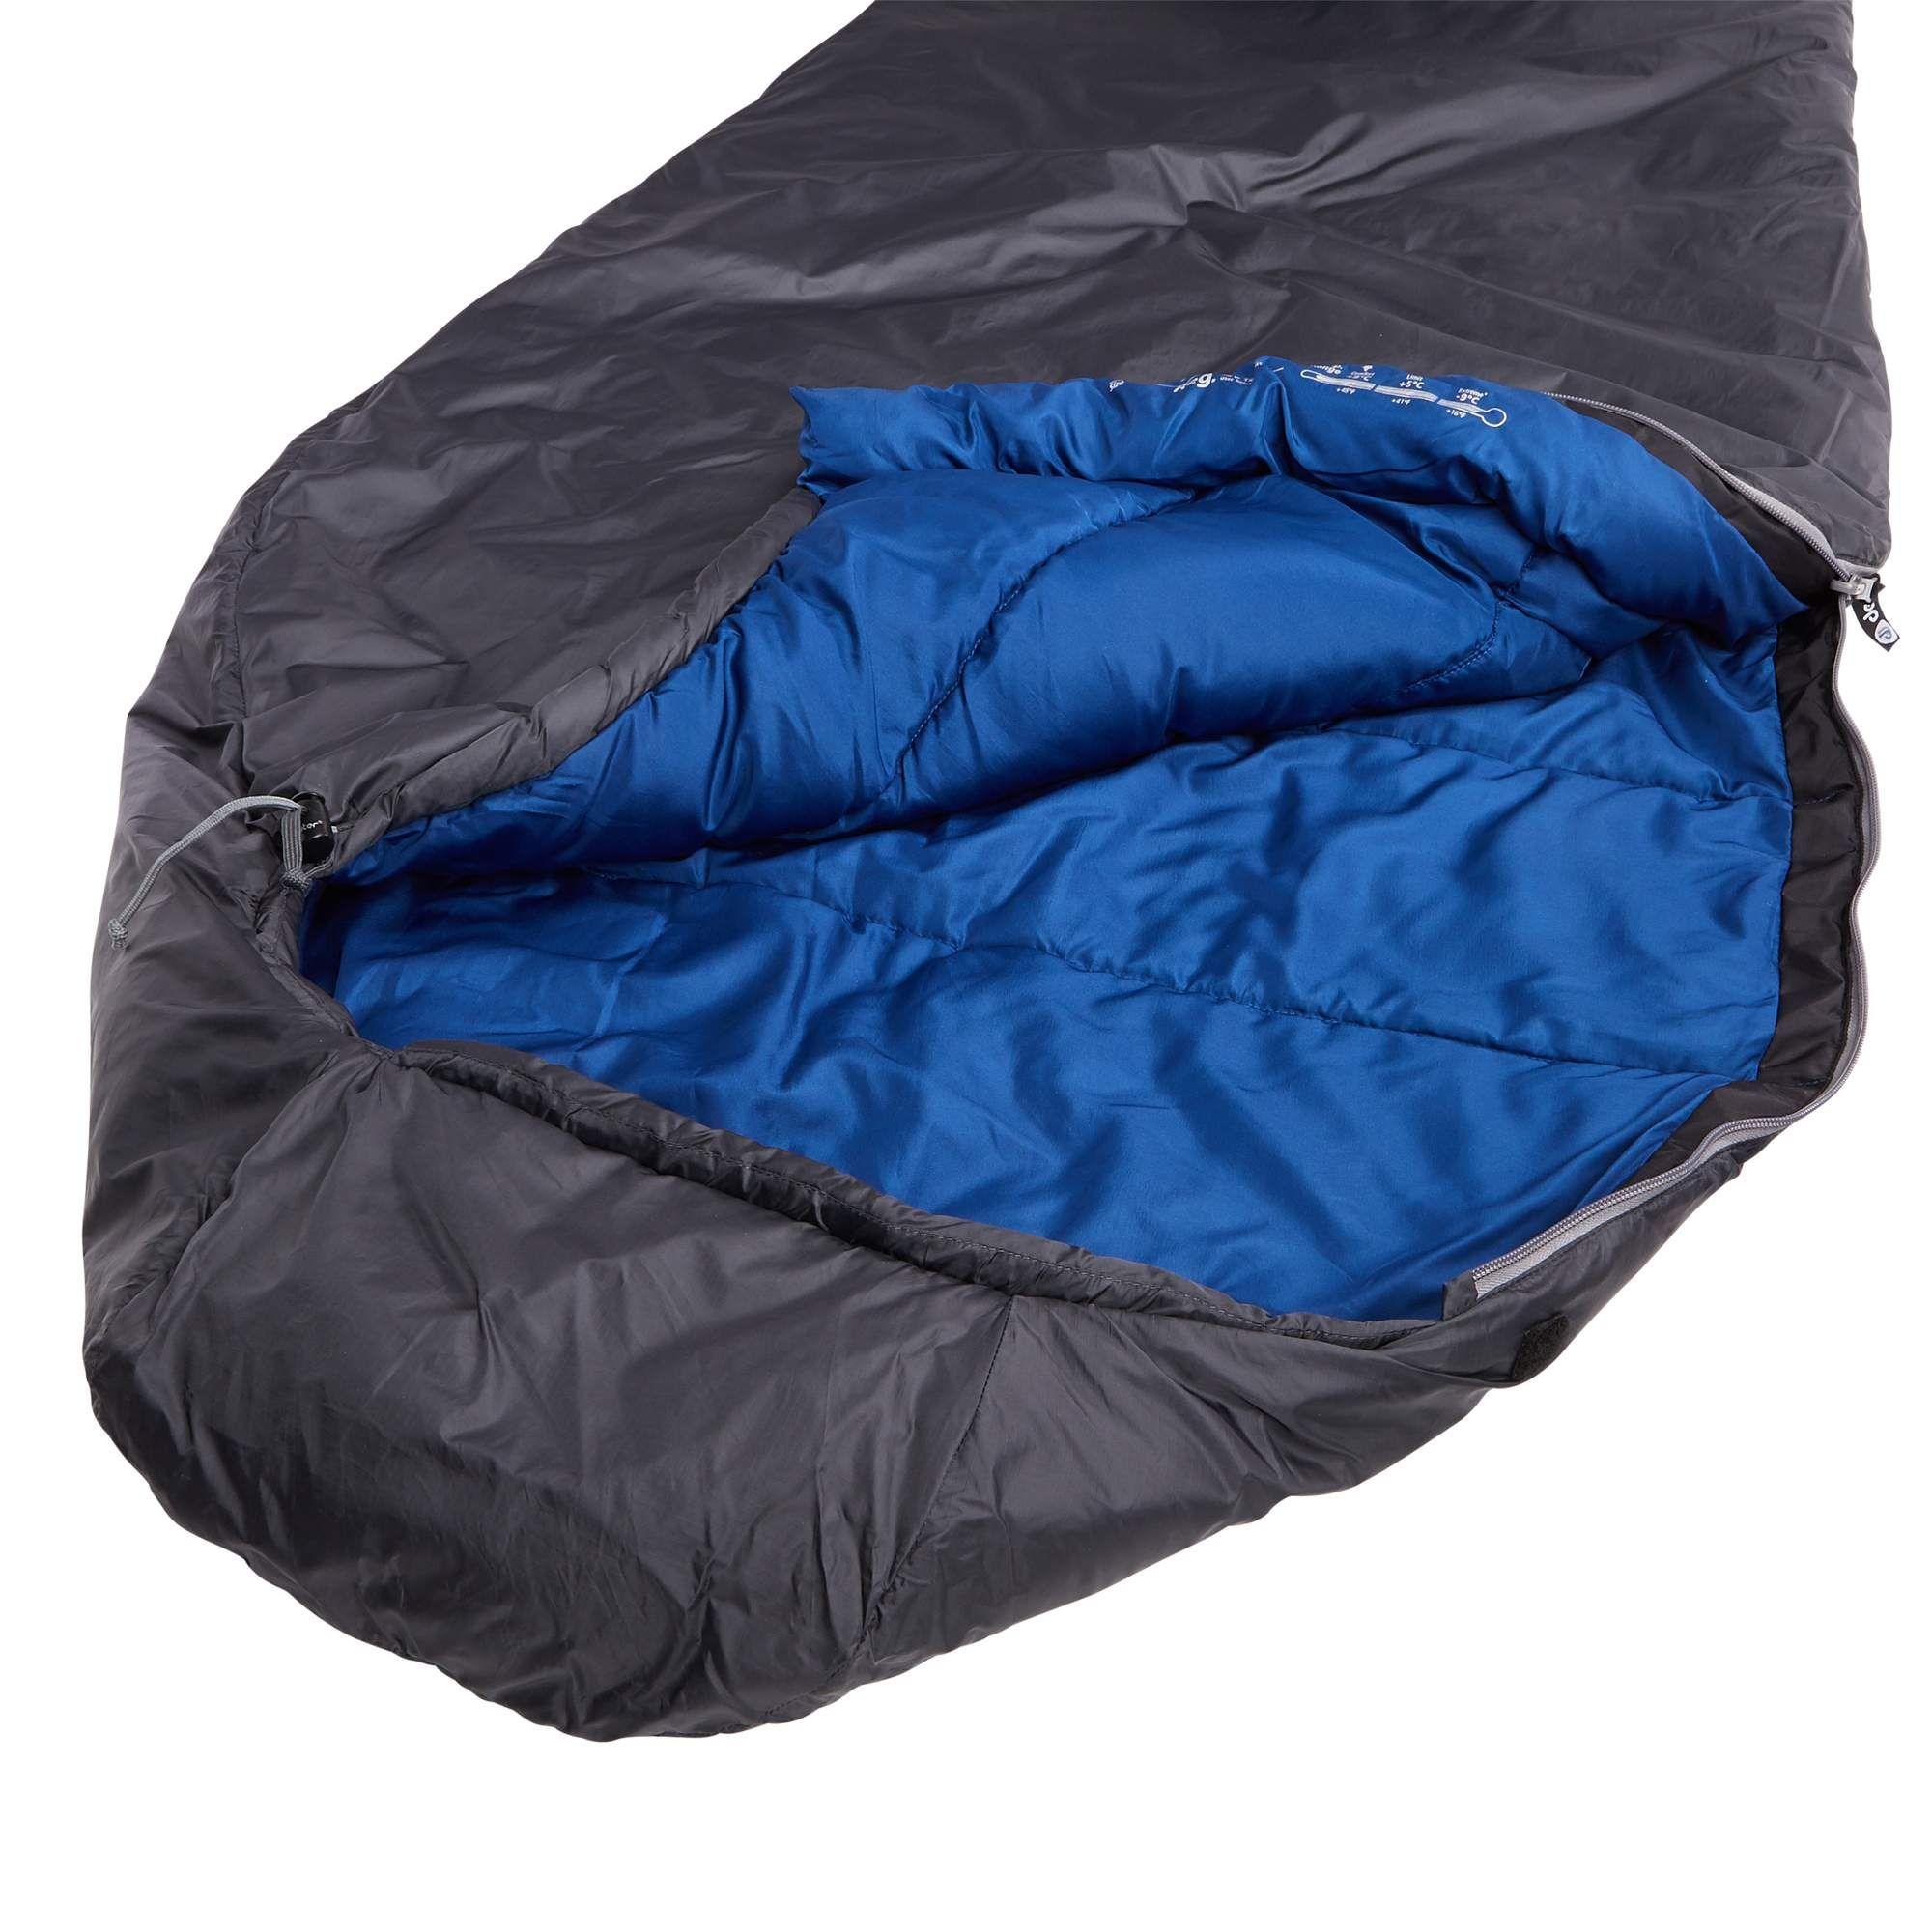 Спальный мешок Deuter Orbit +5° - фото 7